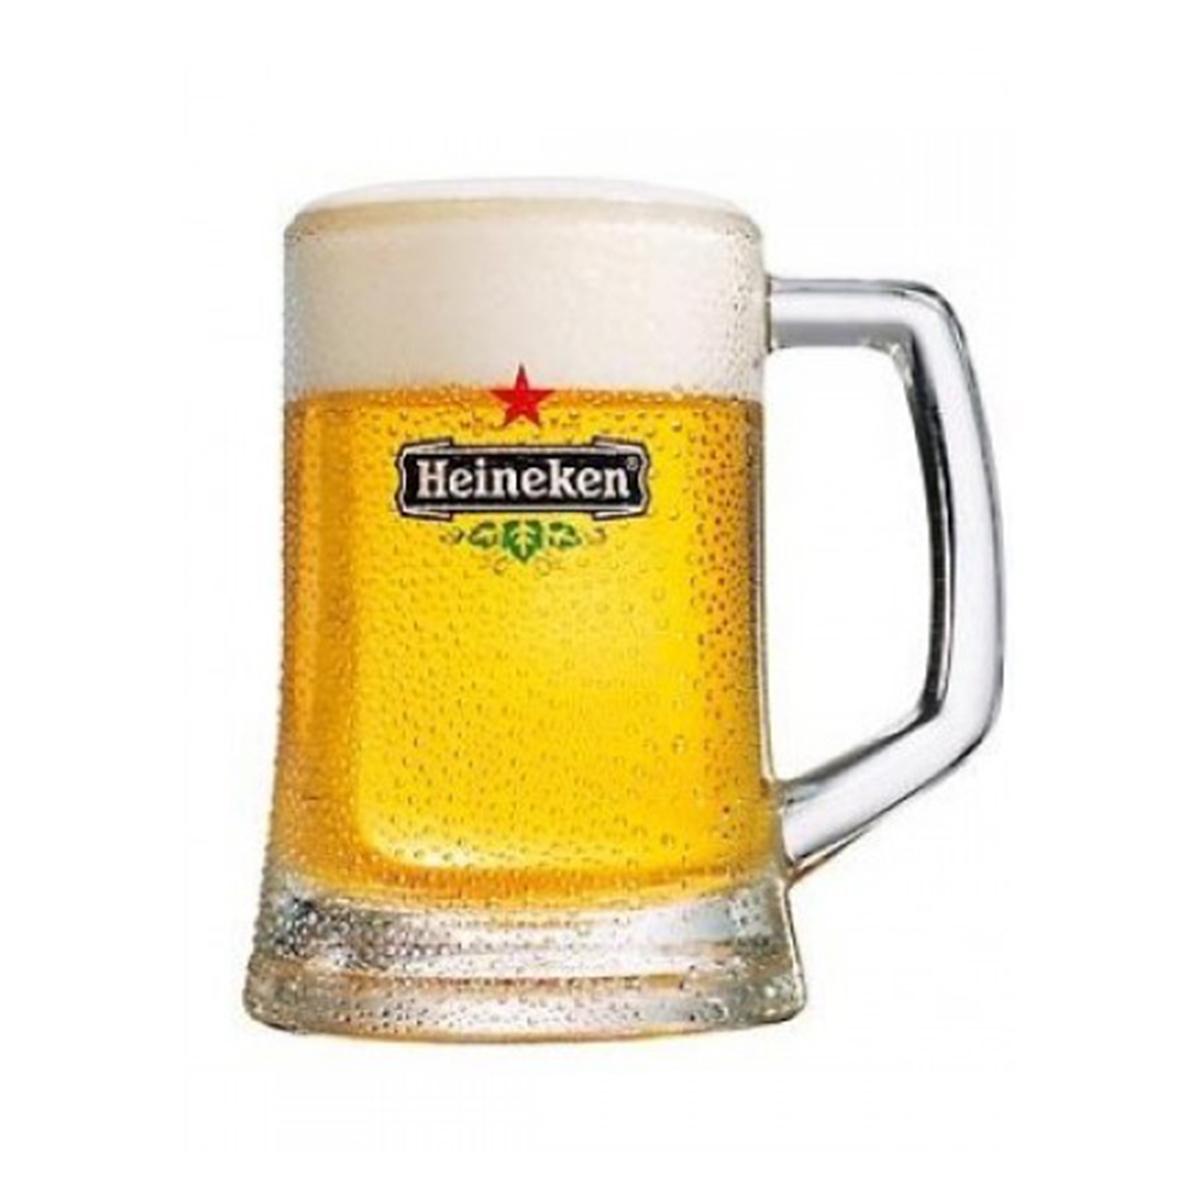 Heineken bierpullen